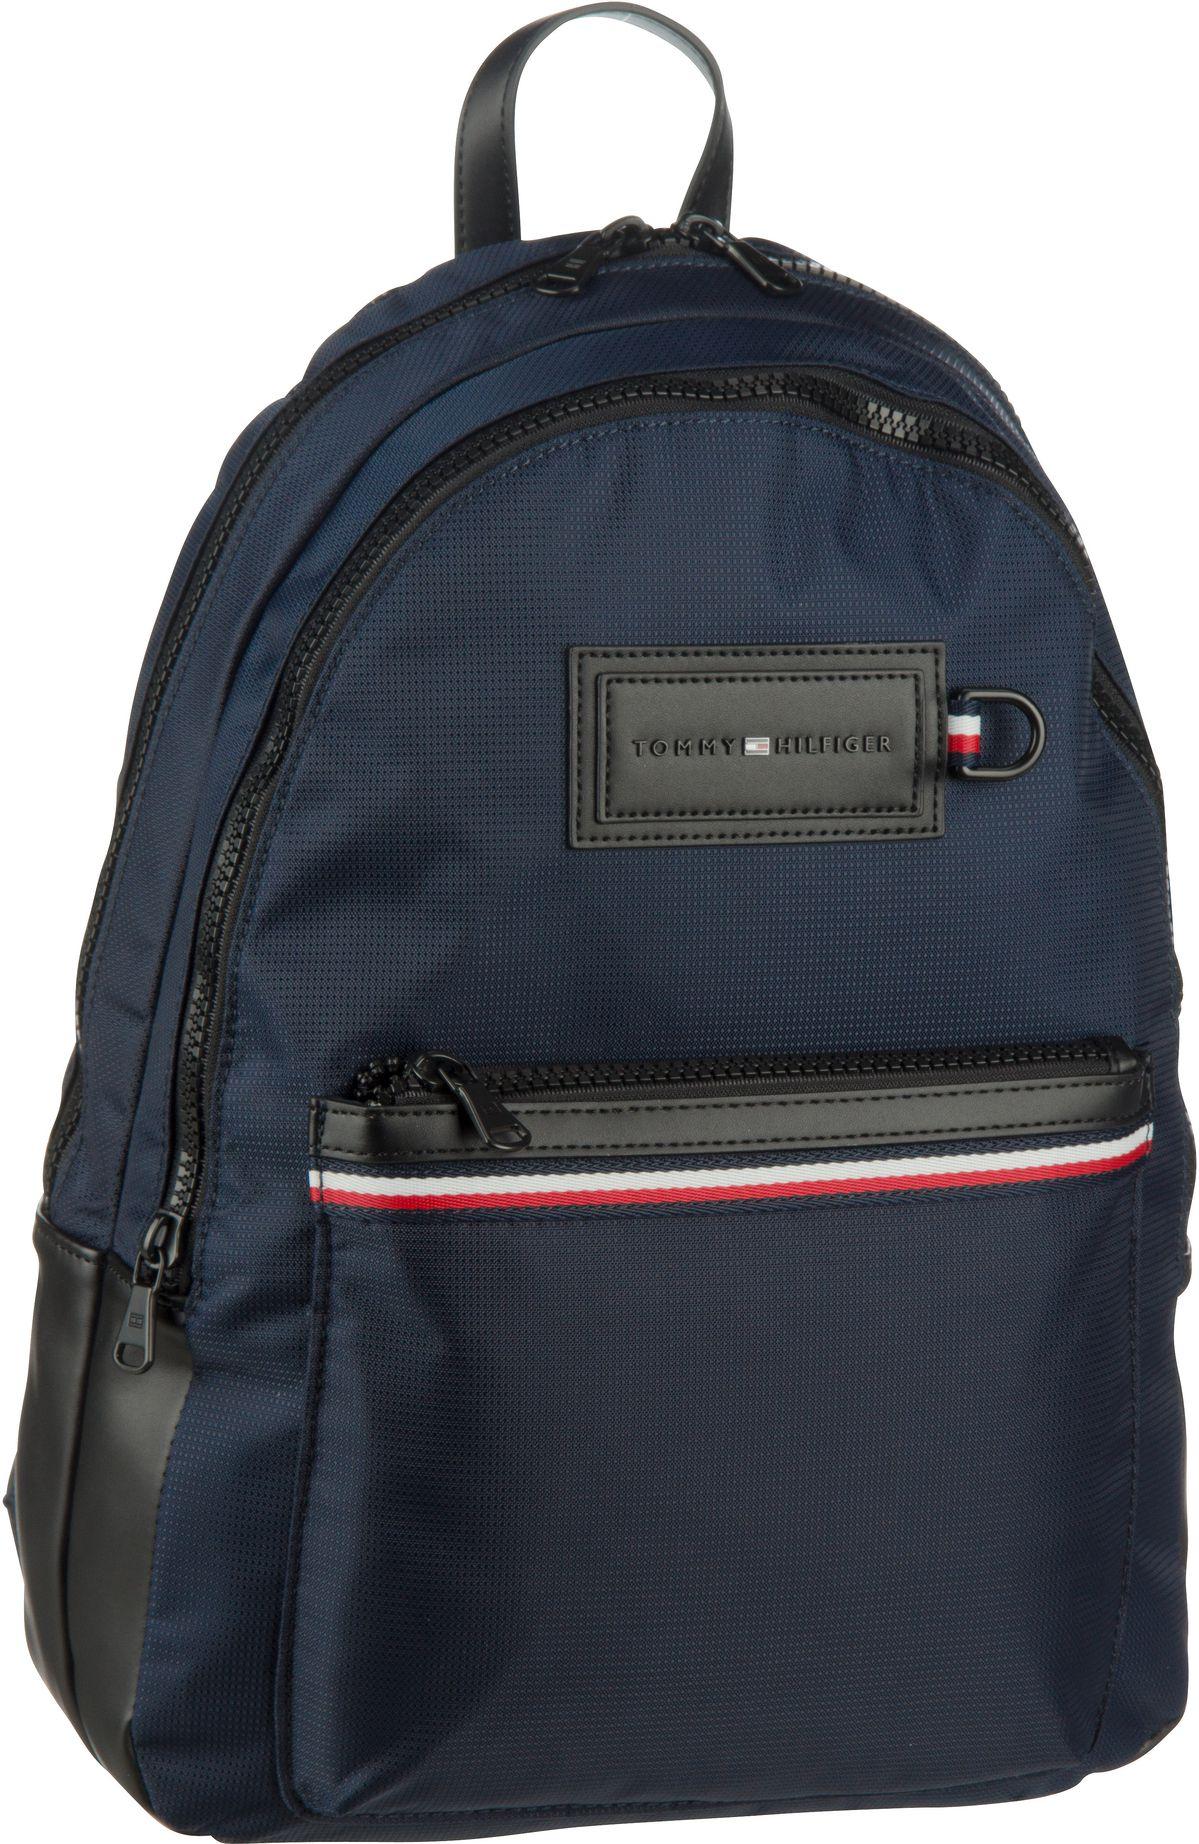 Rucksack / Daypack Modern Nylon Backpack PSP20 Sky Captain